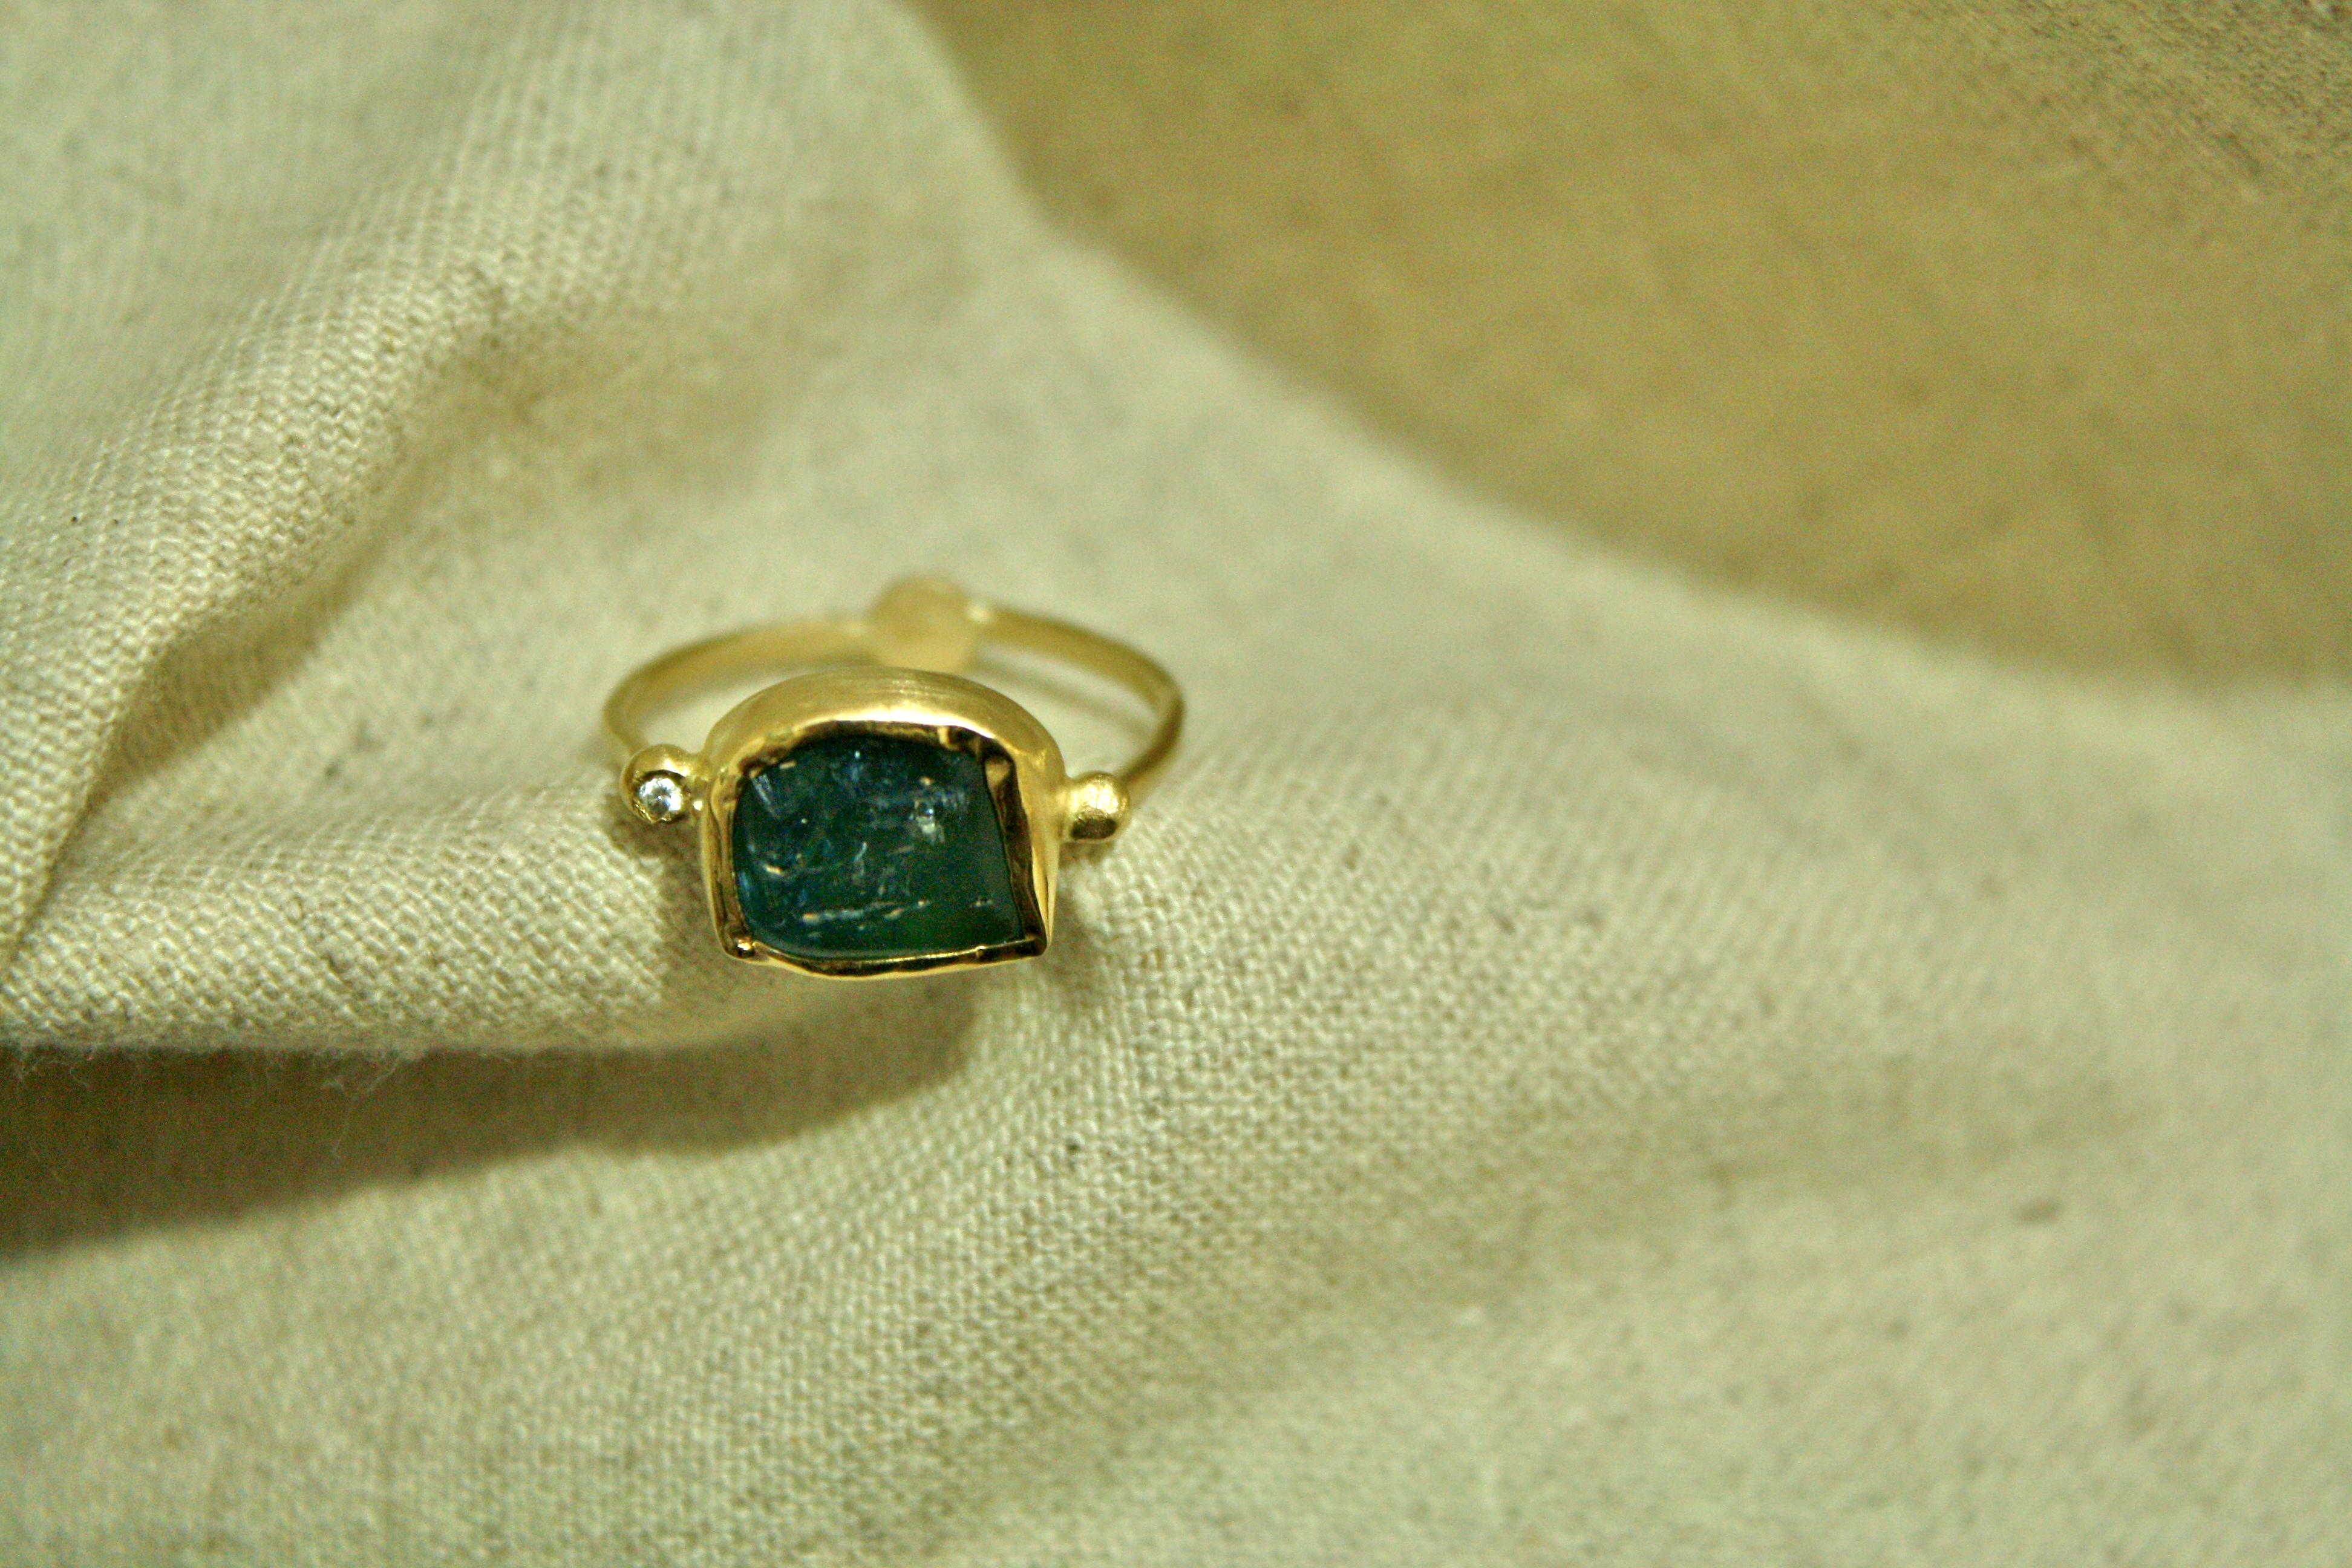 טבעת זהב ואפטייט גולמי, עם יהלום בצד